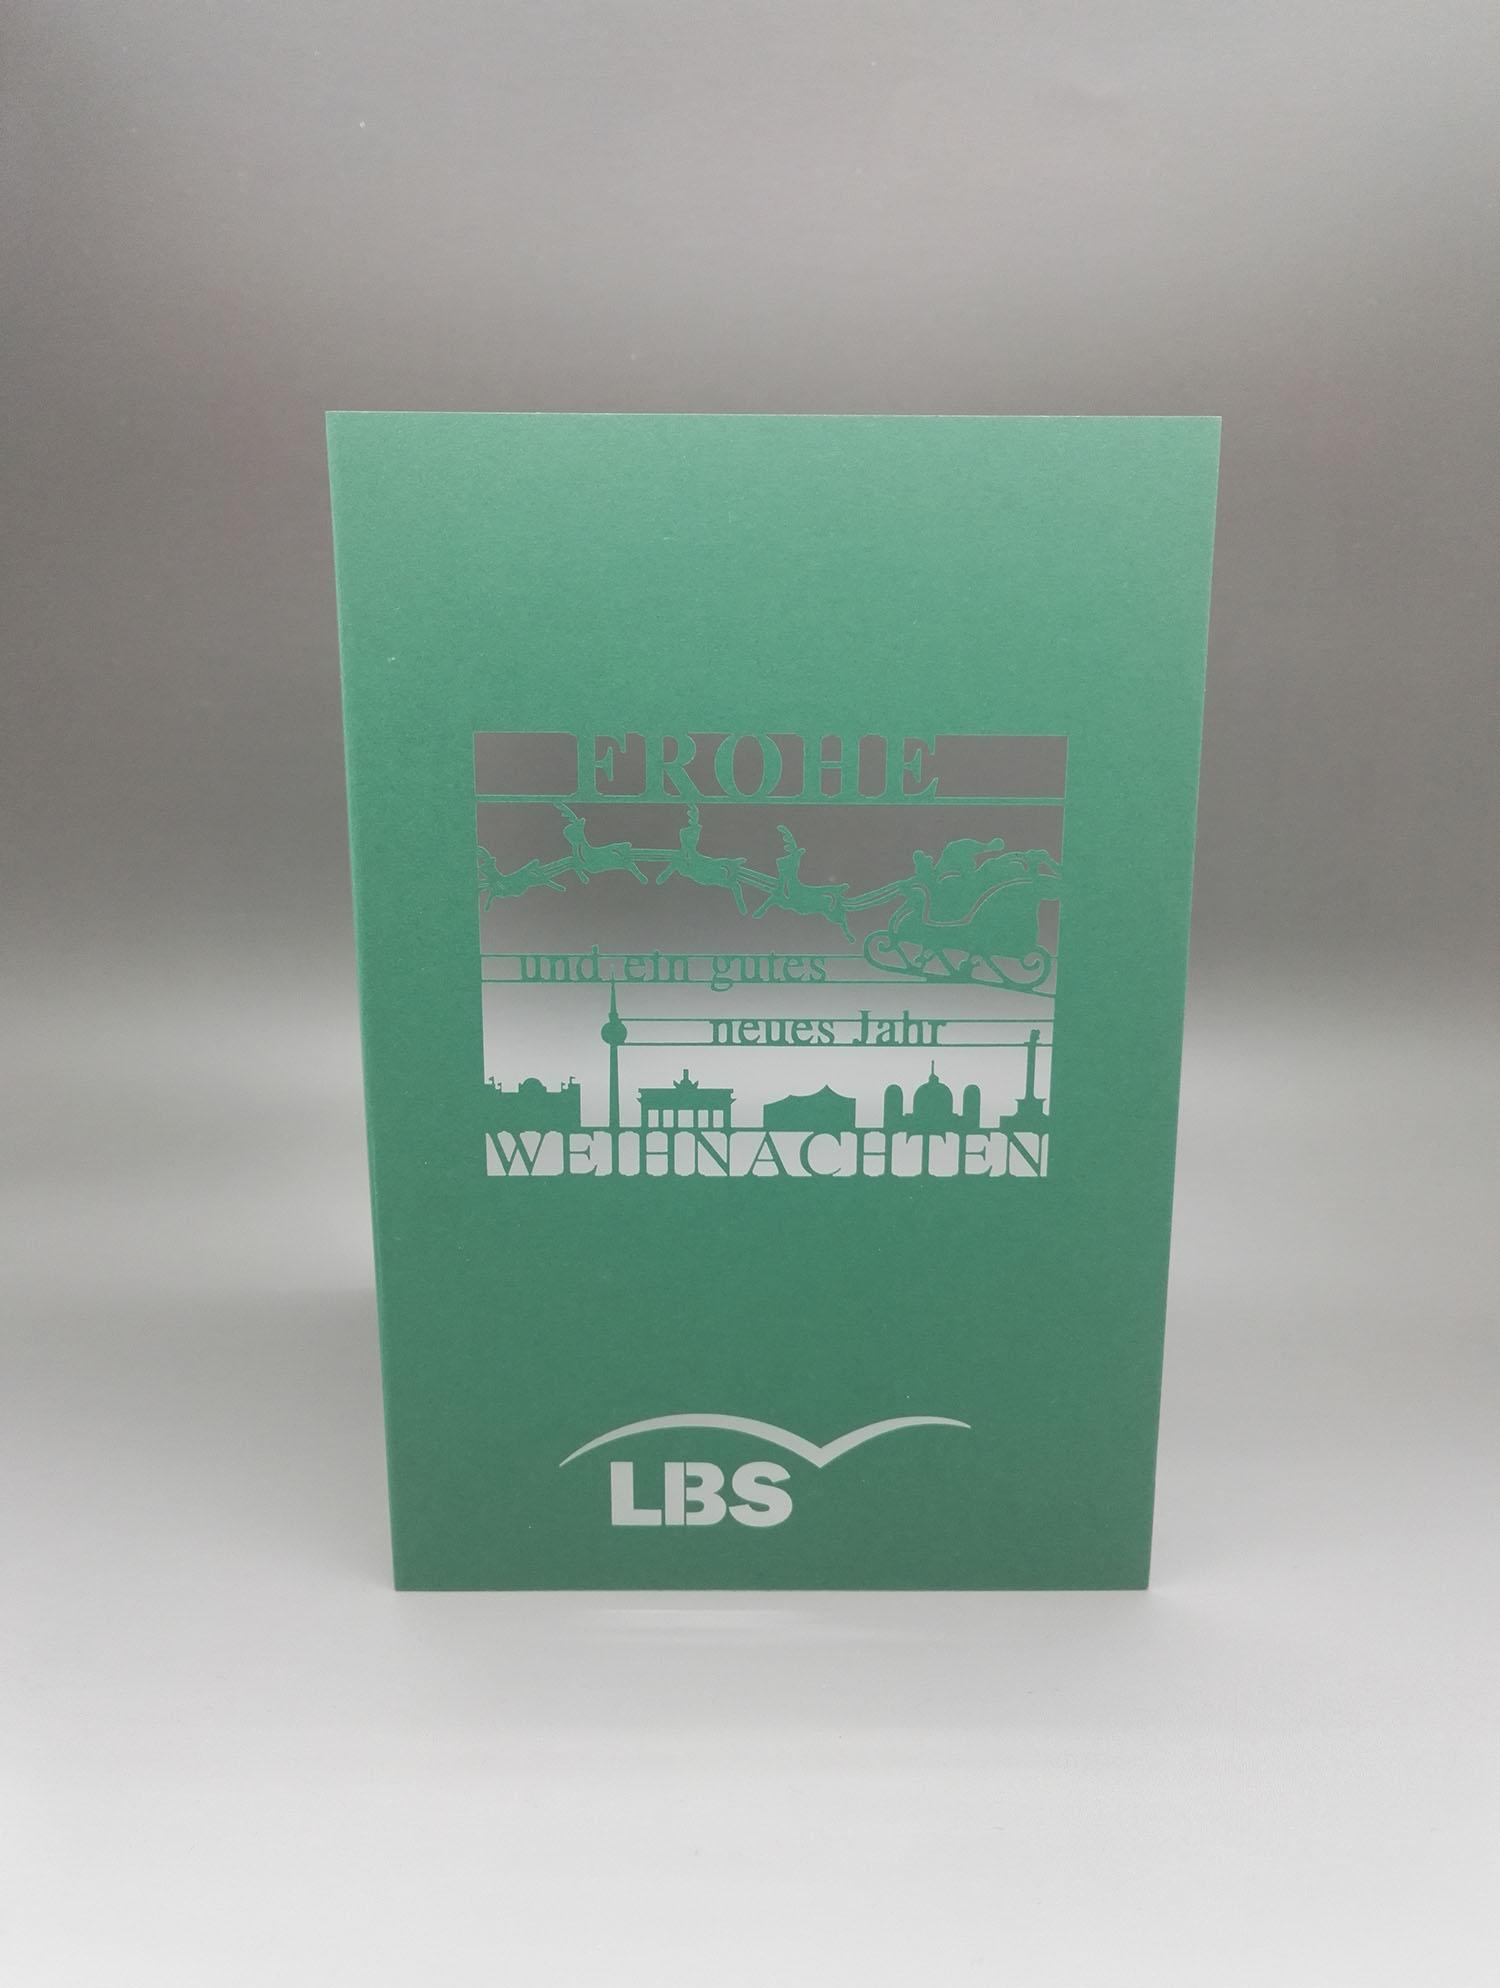 Weihnachtskarte der LBS